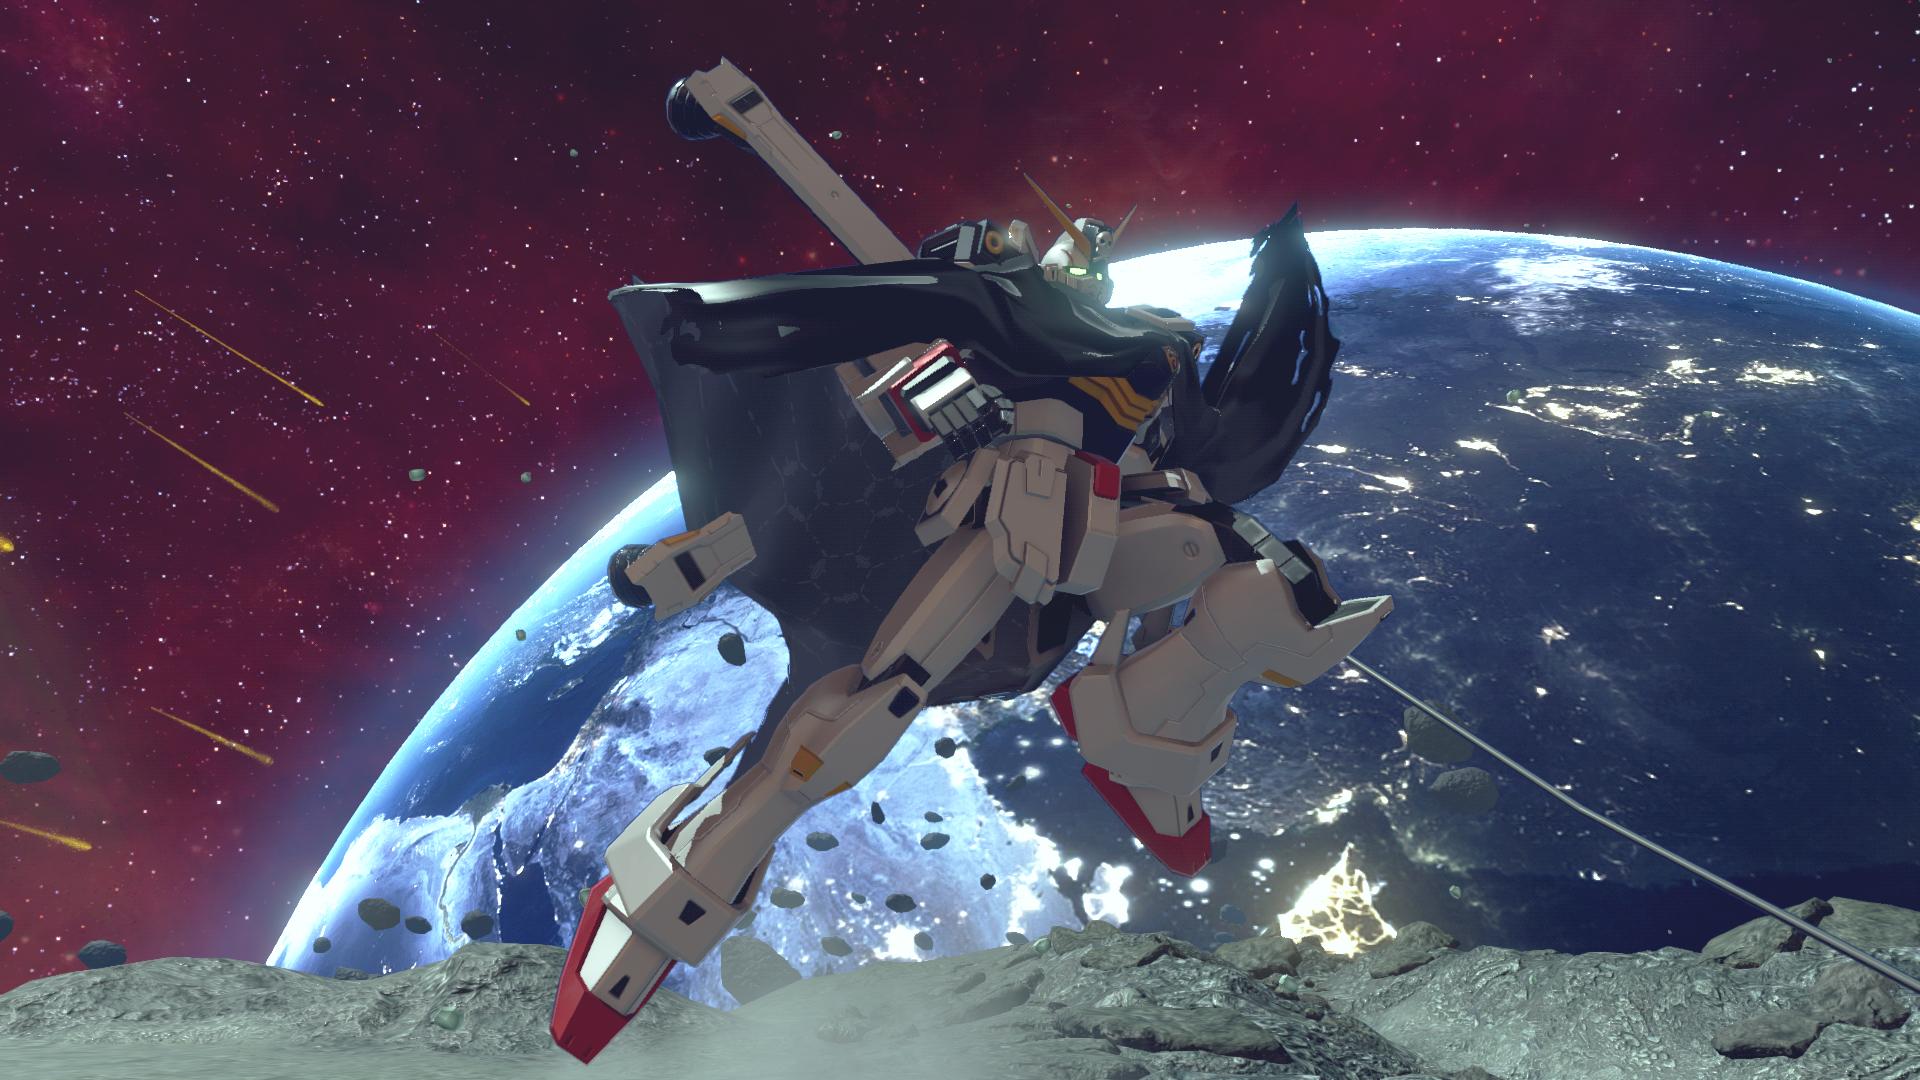 GUNDAM VERSUS, gundam,para PlayStation 4, prueba beta Gundam, beta gundam versus,PlayStation Plus, videojuegos, videogames, play games, playstation games, figth games, tan grande y jugando